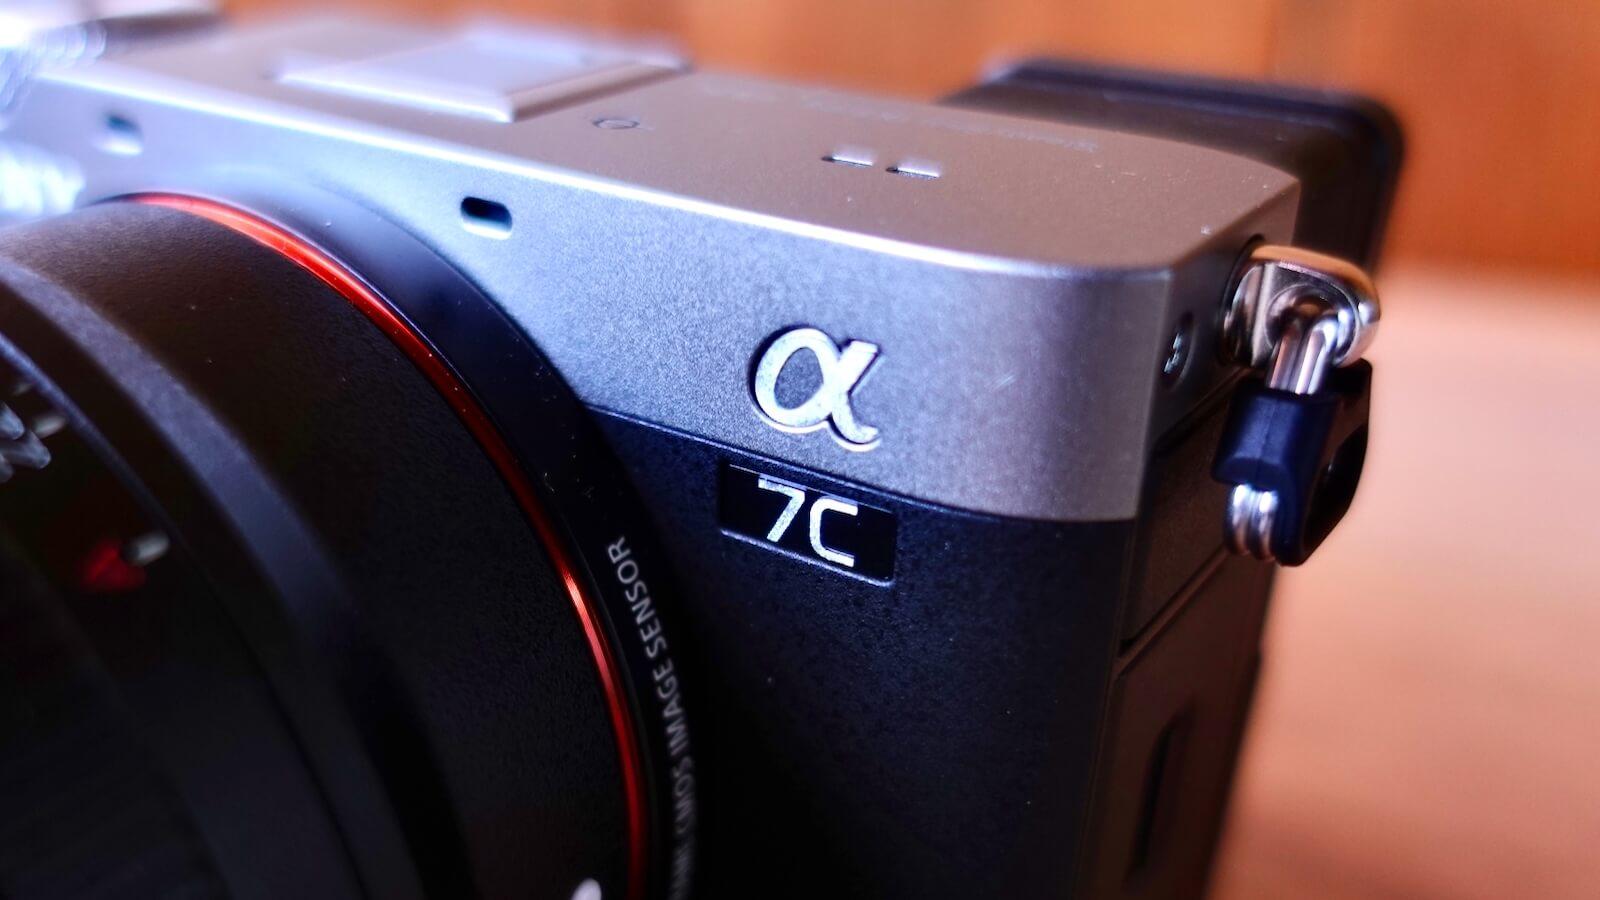 α7c camera body logo enlarged photo